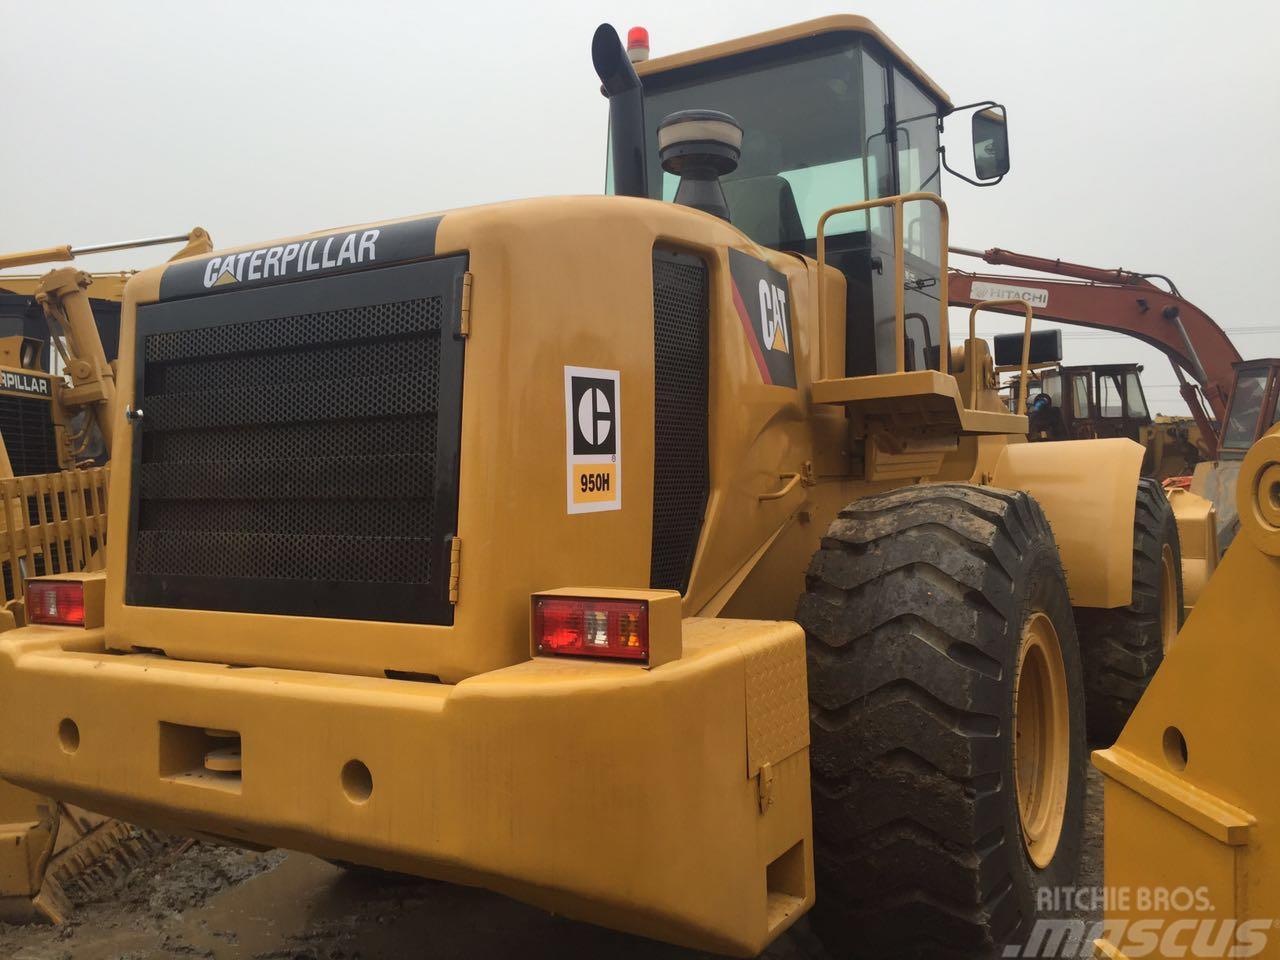 Caterpillar 950H 950 H